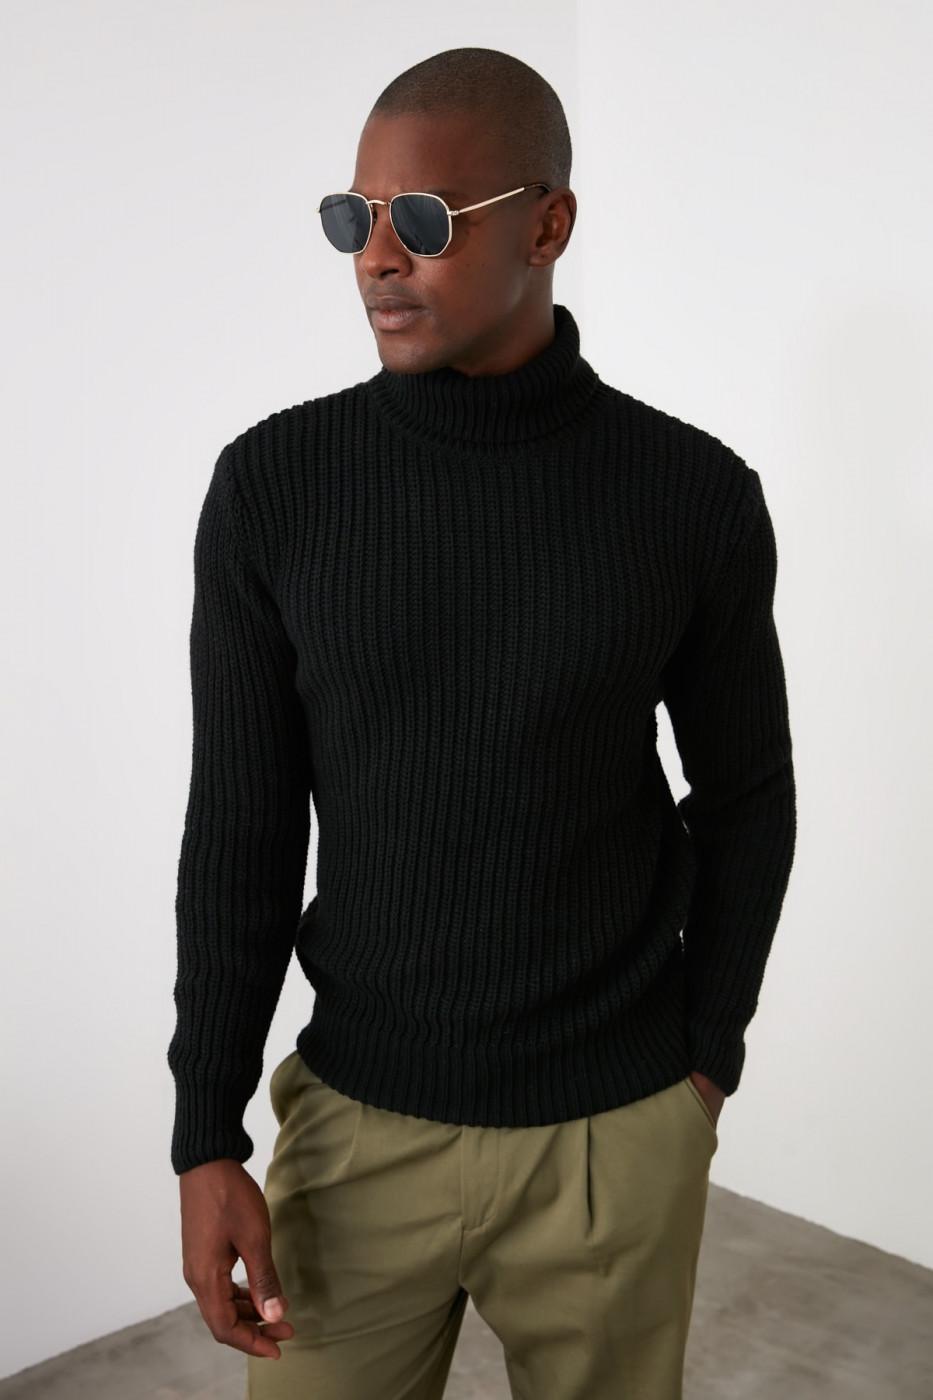 Trendyol Black Male Turtleneck KnitWear Sweater